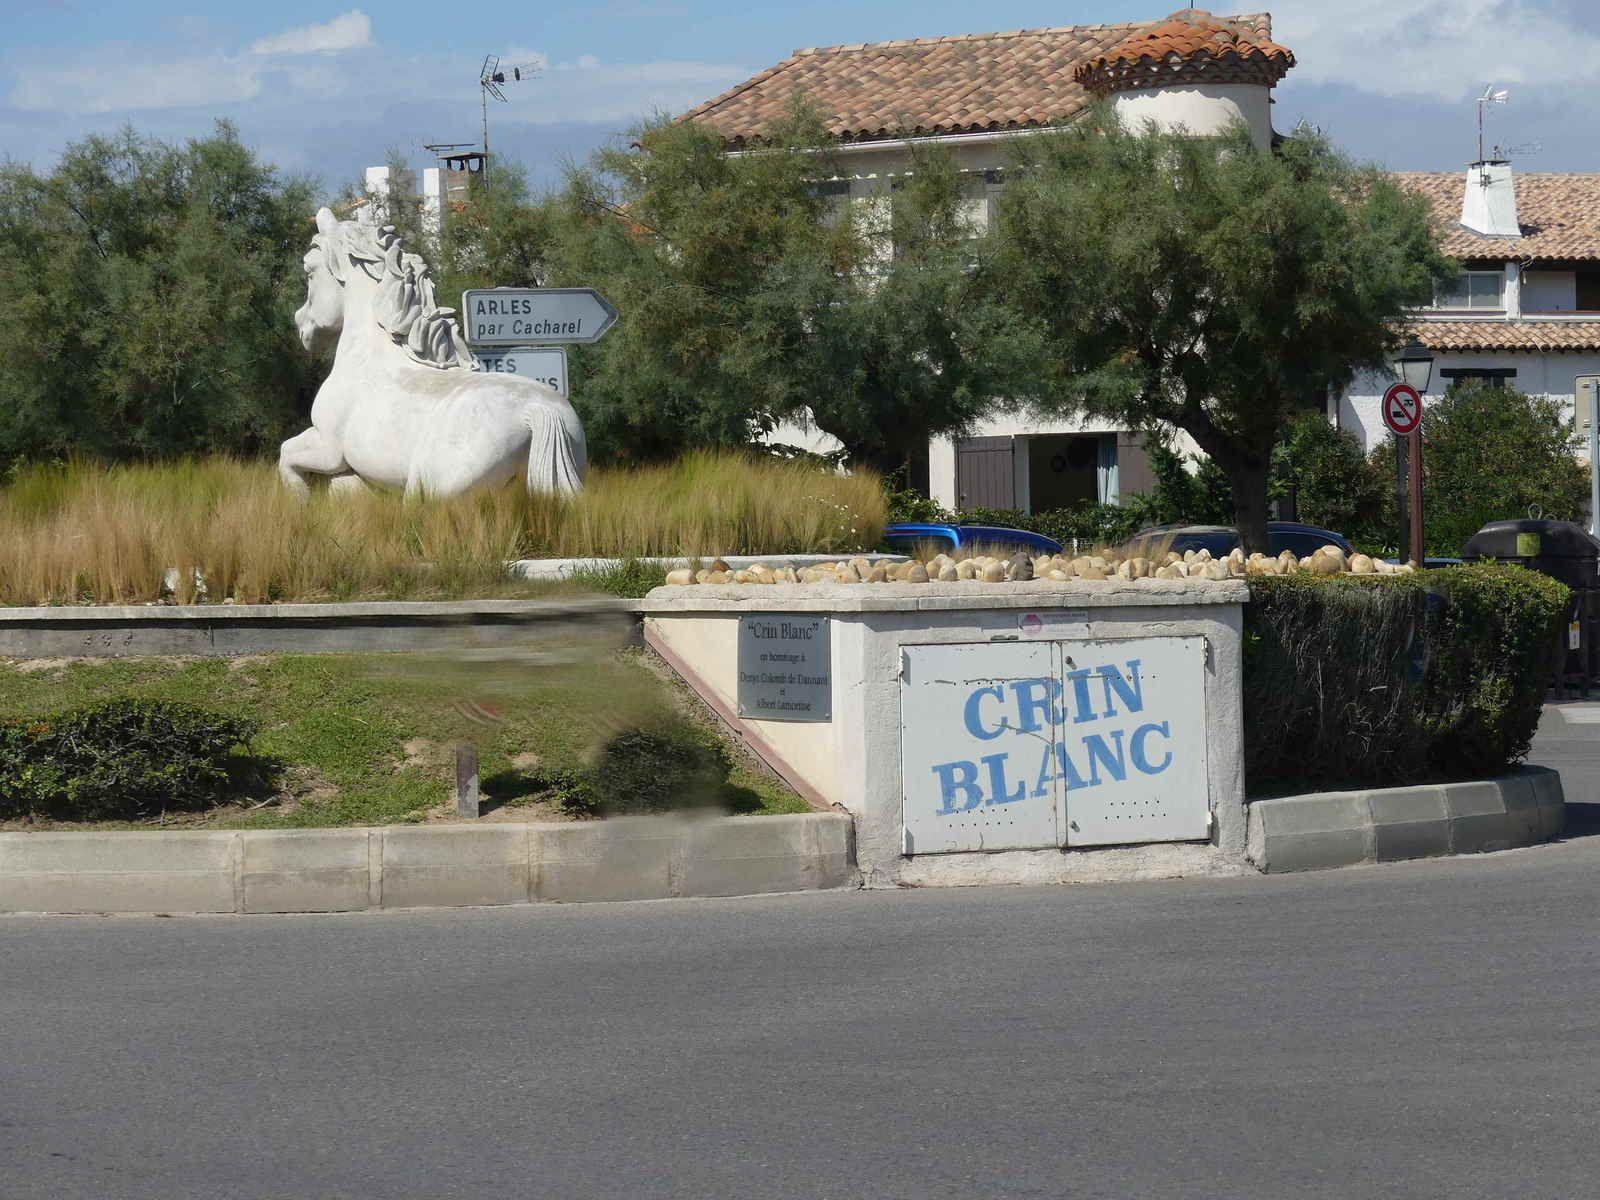 Crin Blanc occupe une place privilégiée sur un rond-point à l'intérieur de la ville.